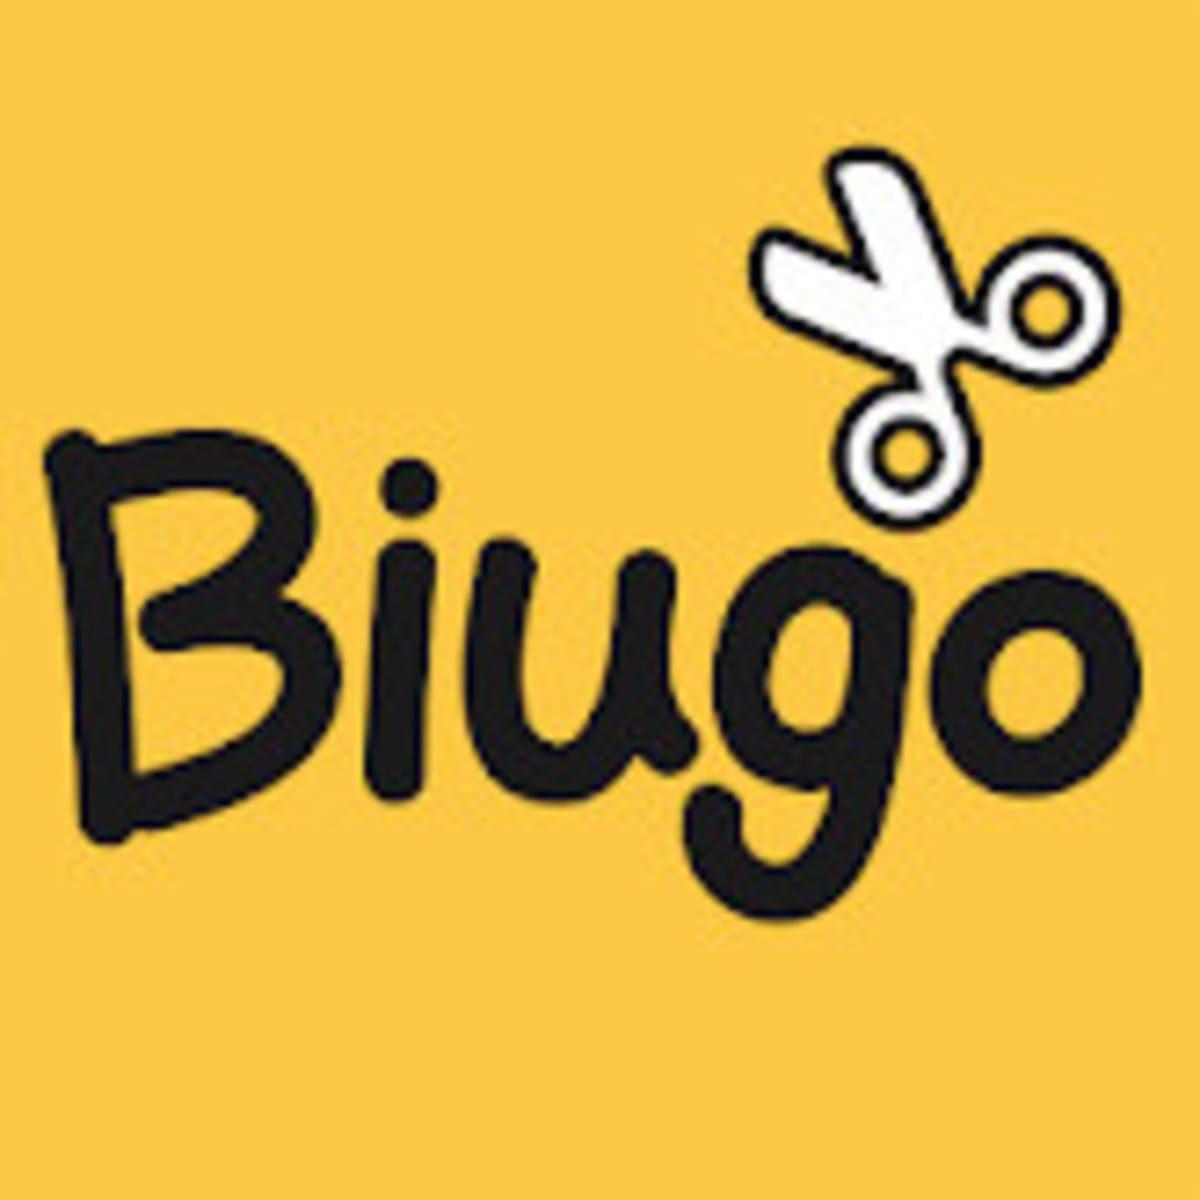 تنزيل برنامج biugo للاندرويد والايفون لتعديل على الصور والفيديو